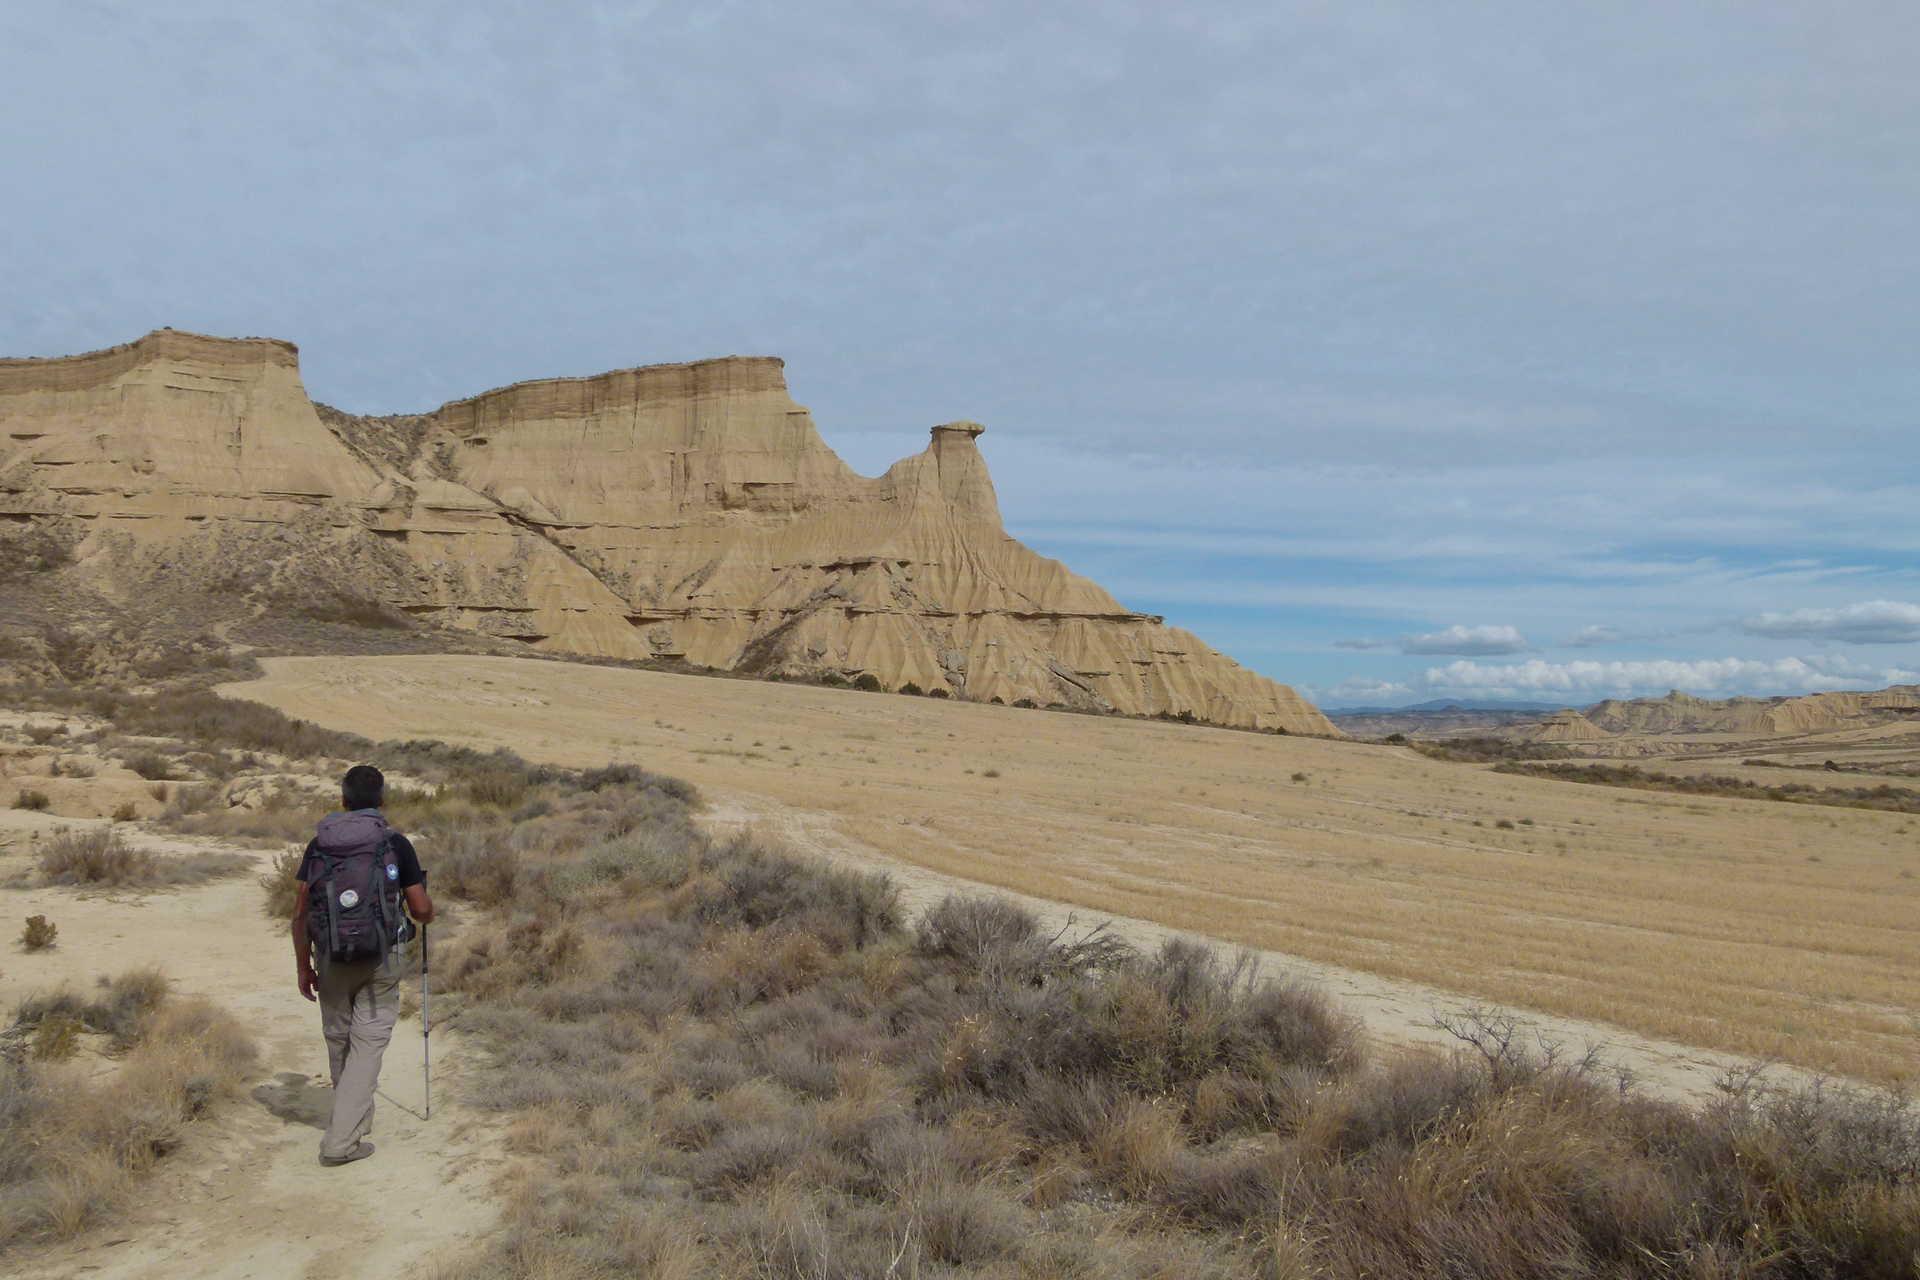 Marche dans le désert des Bardenas Reales